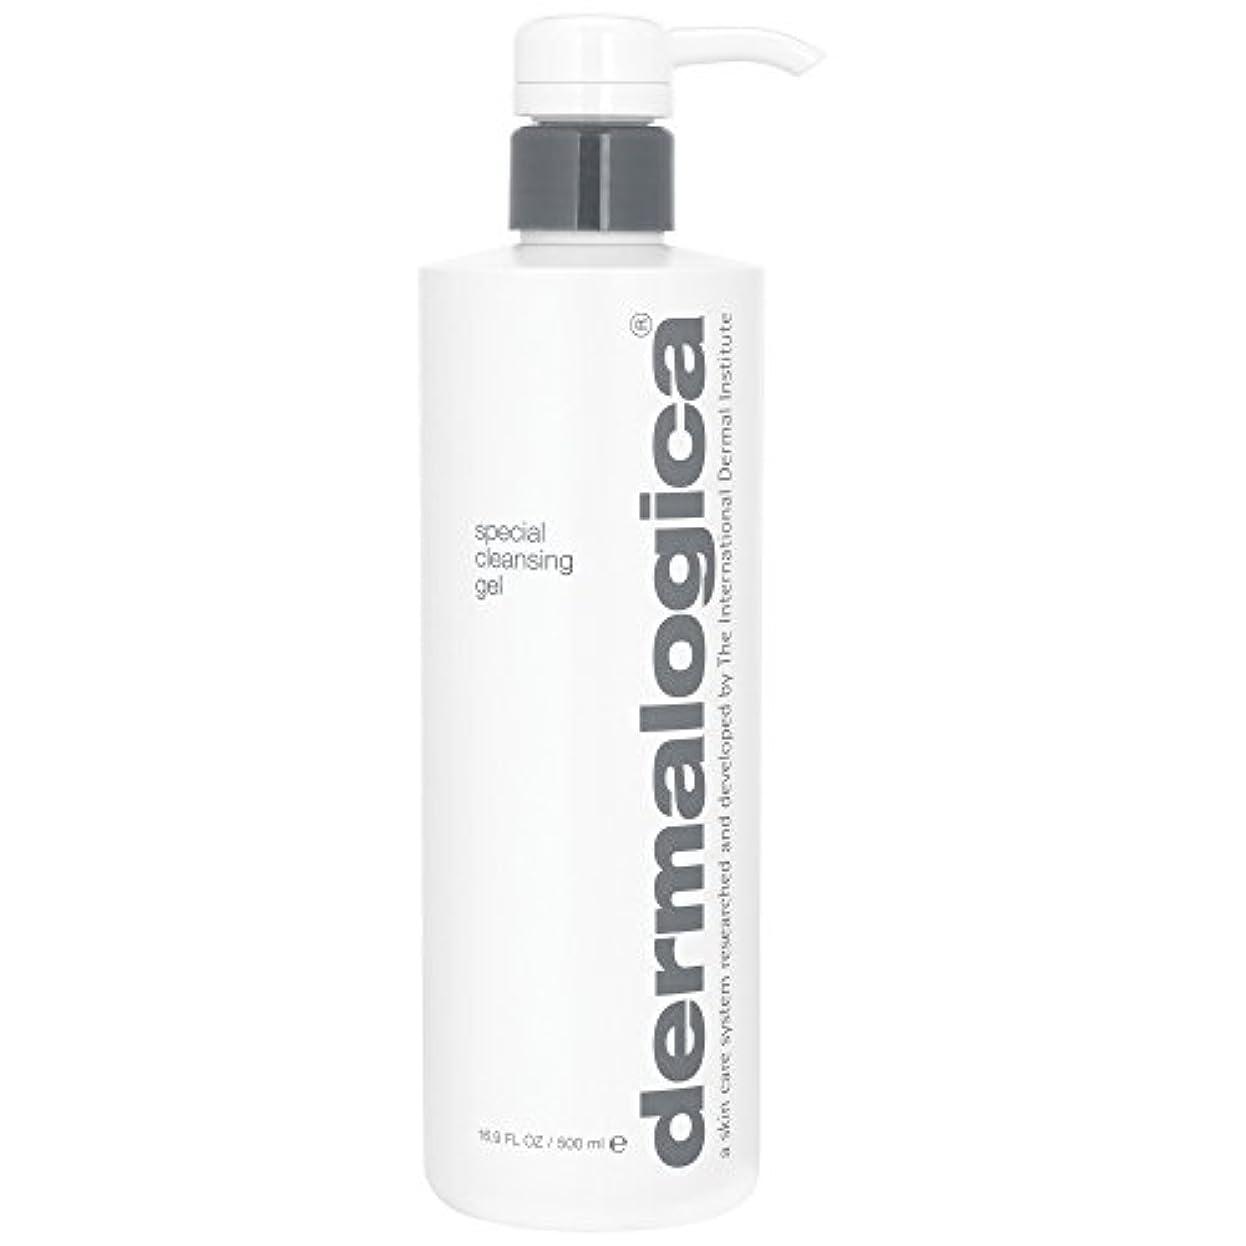 素朴な年商人ダーマロジカ特別なクレンジングゲル500ミリリットル (Dermalogica) (x2) - Dermalogica Special Cleansing Gel 500ml (Pack of 2) [並行輸入品]